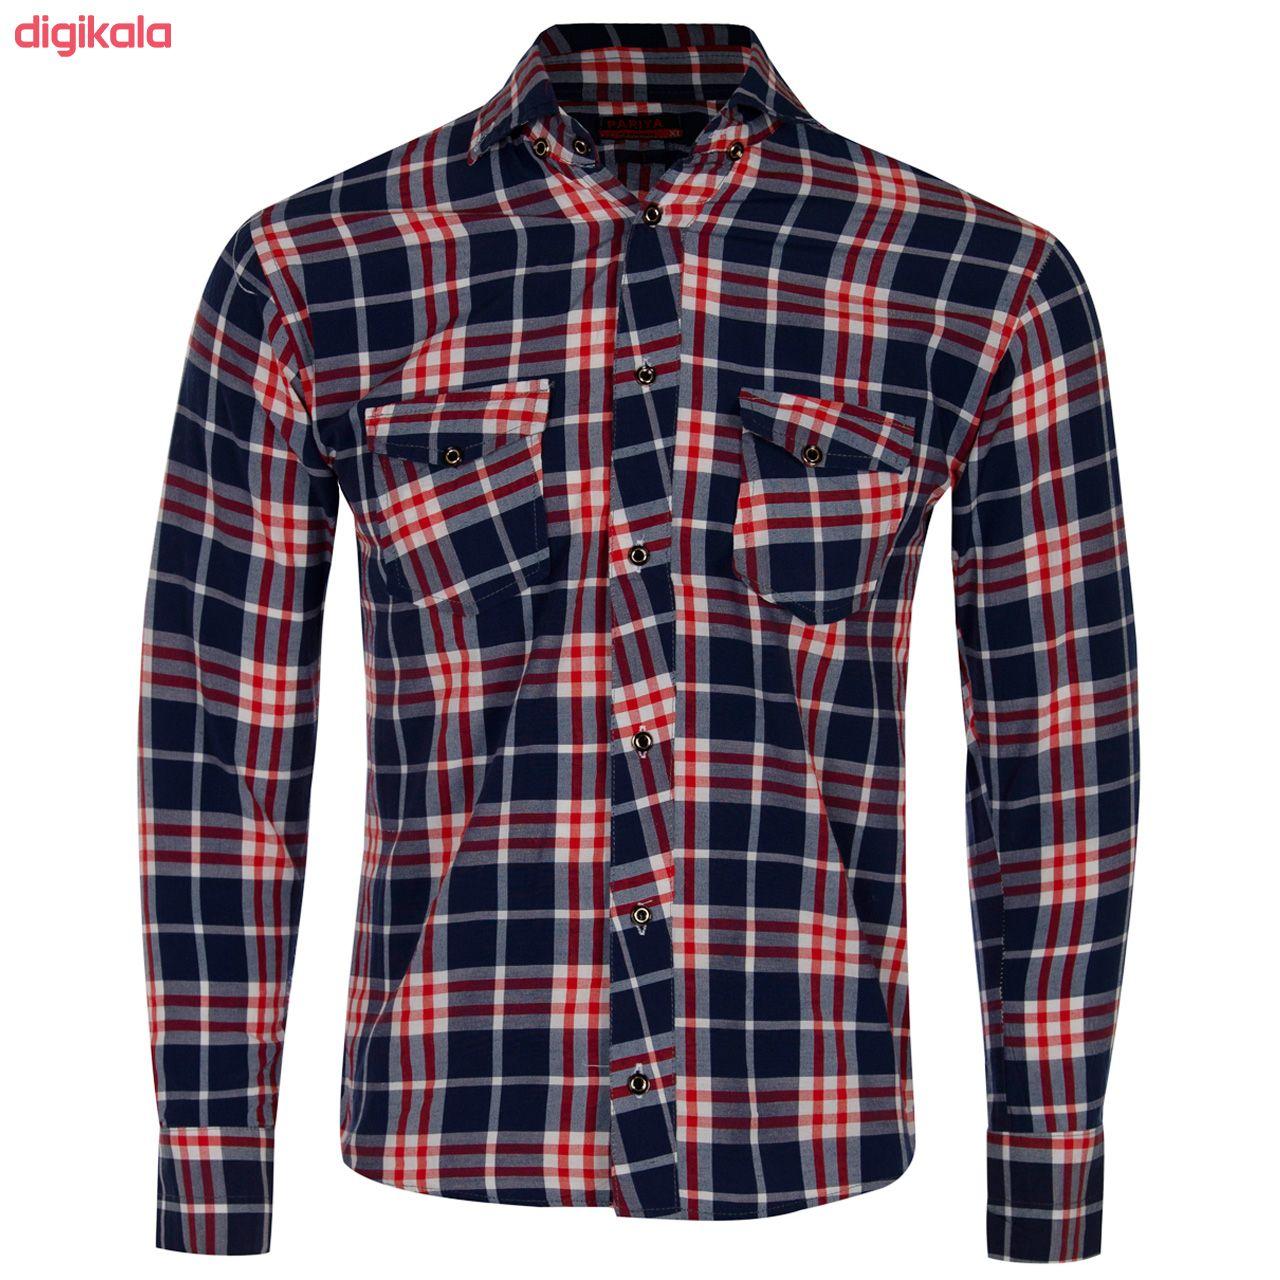 پیراهن مردانه کد 230000405 main 1 1